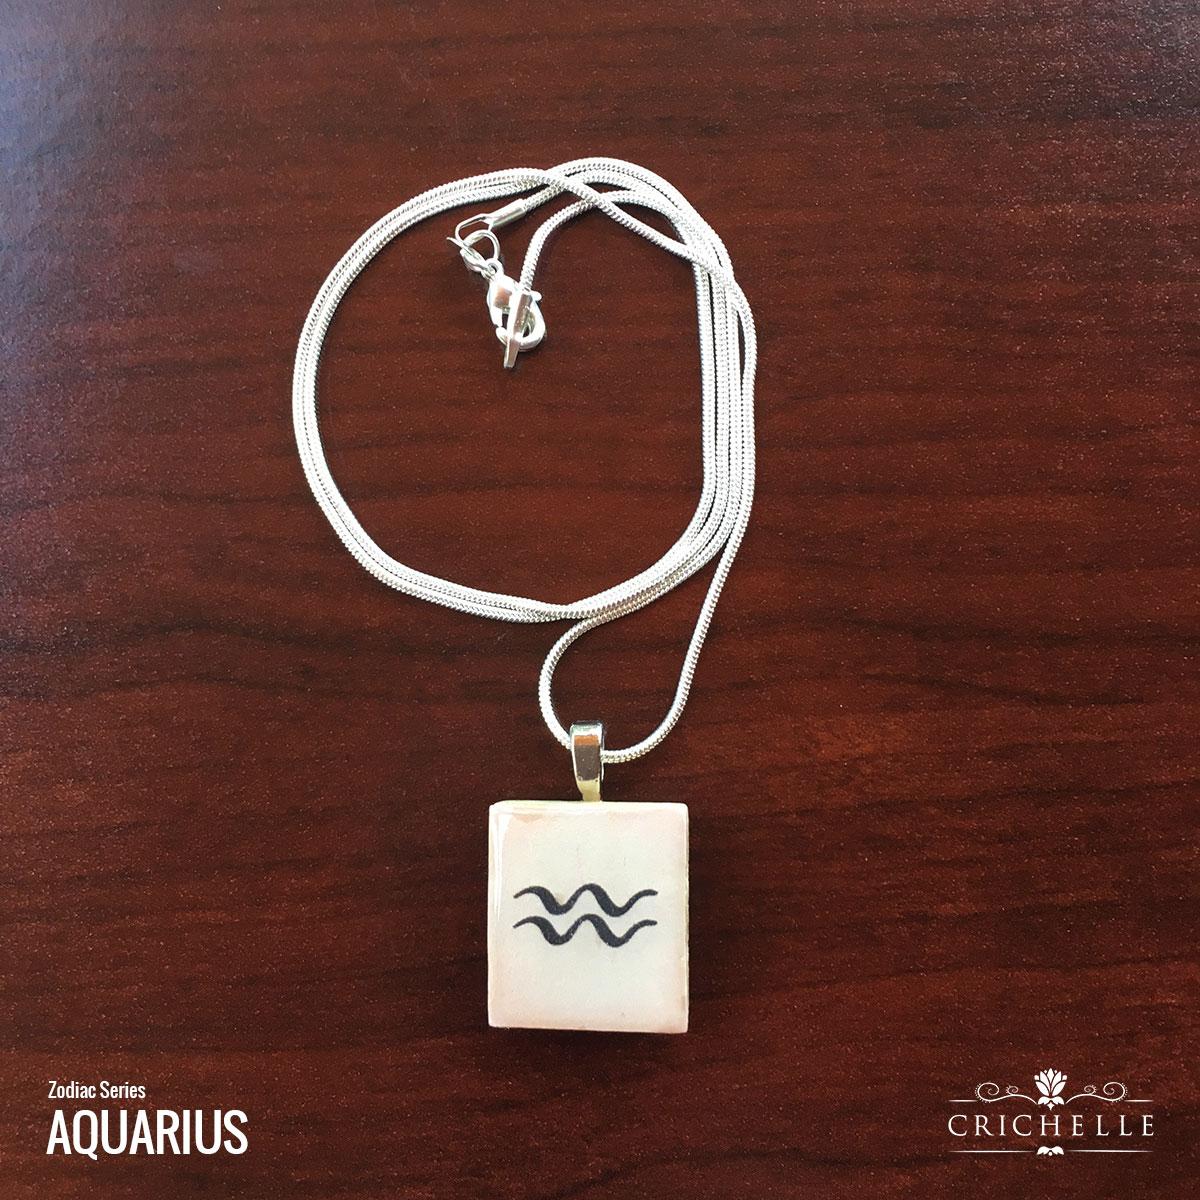 Scrabble tile necklace archives crichelle aquarius scrabble tile pendant necklace aloadofball Choice Image